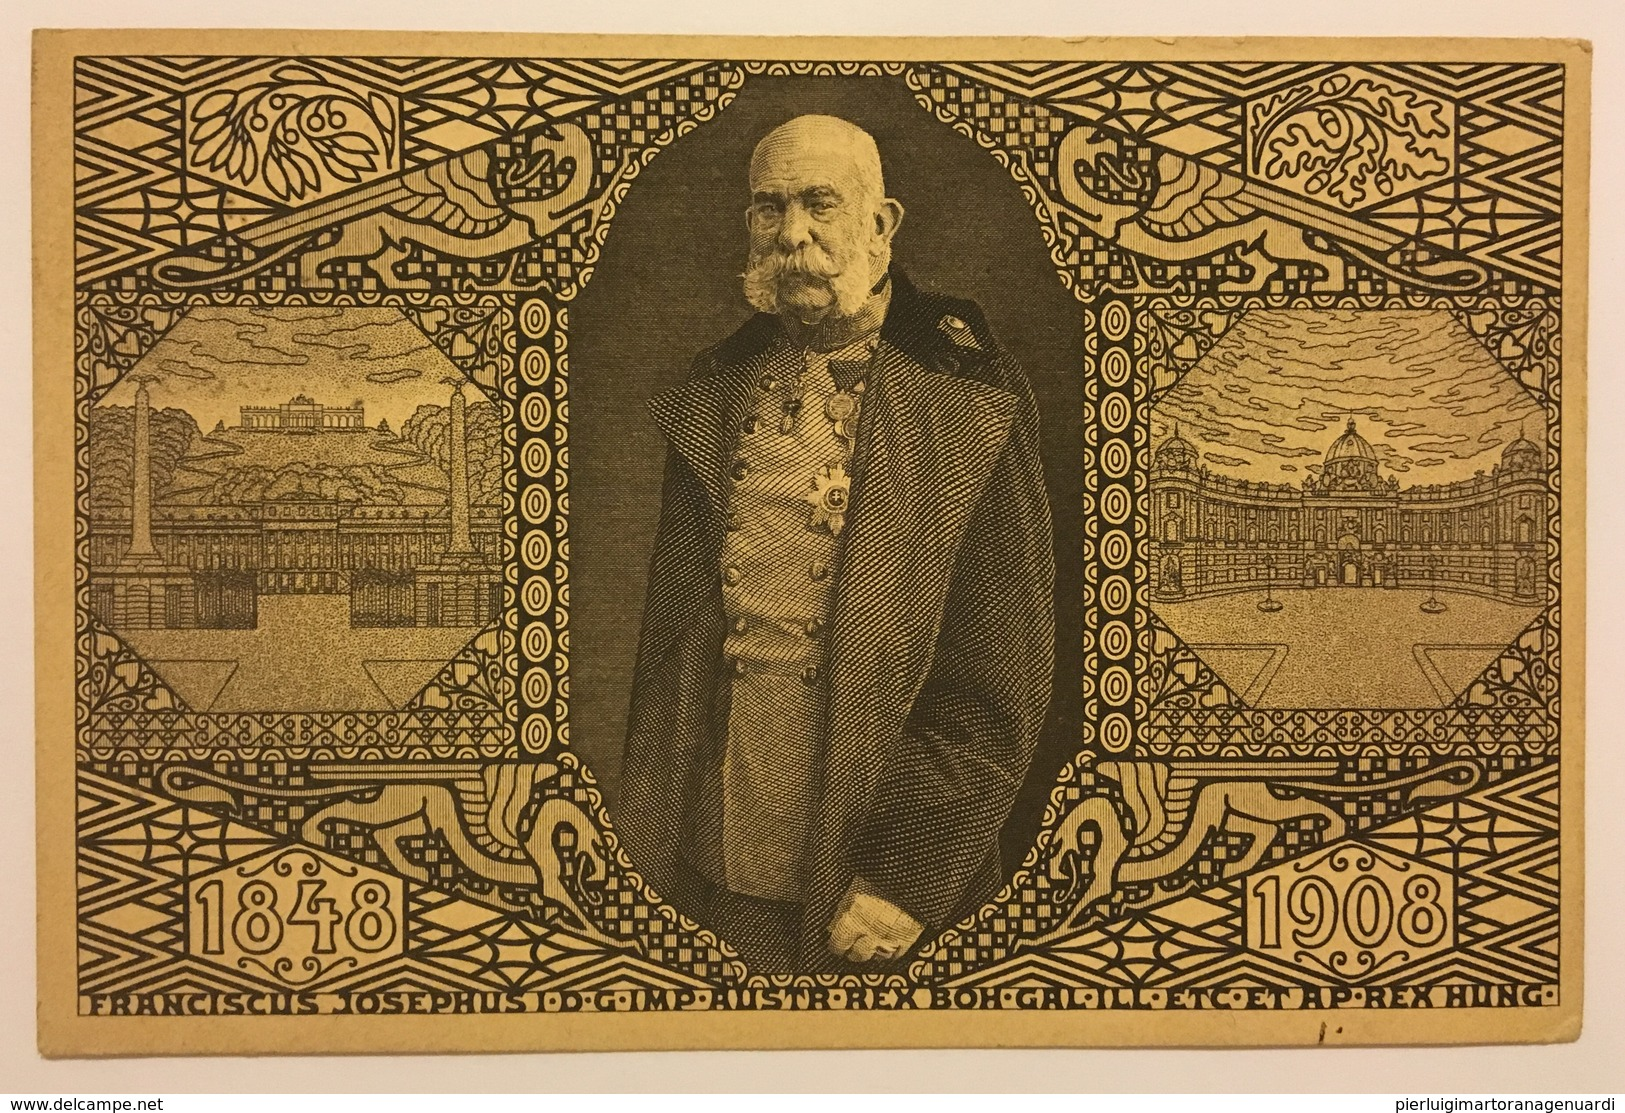 447 Franciscus Josephus Imperatore D' Austria 1848 - 1908 - Storia